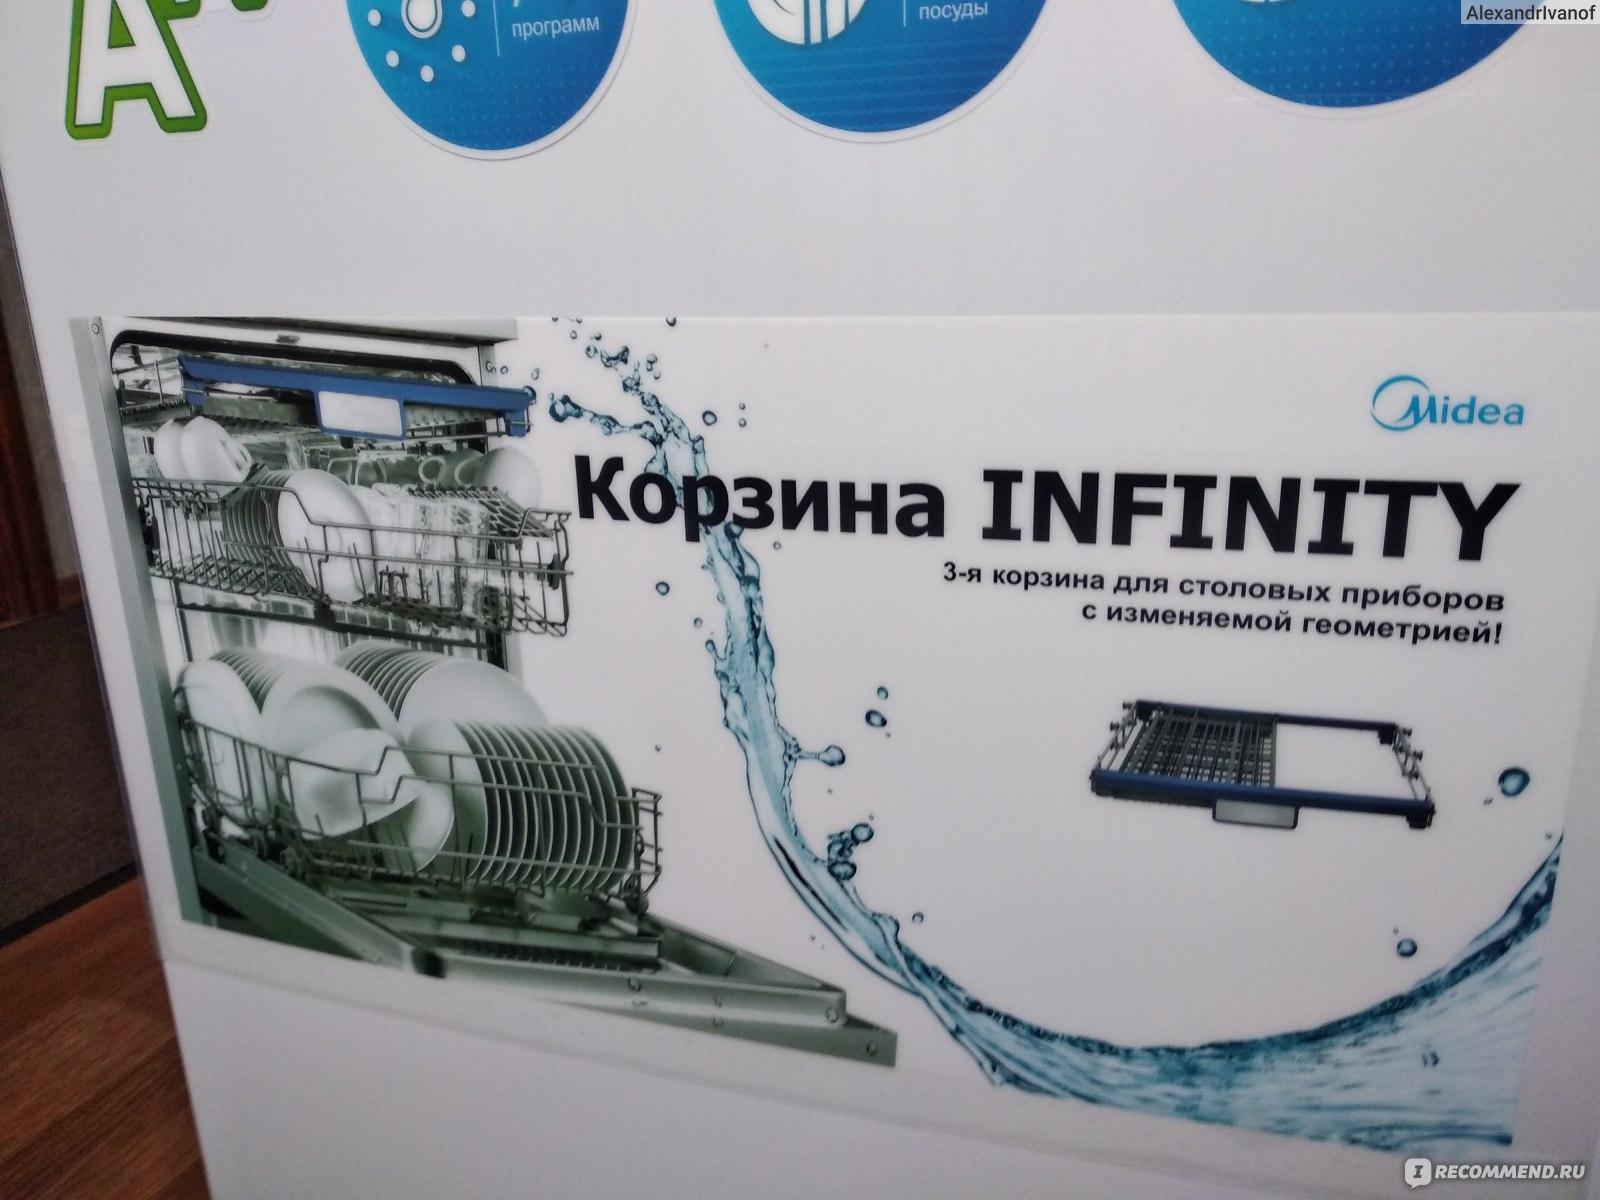 Топ-4 компактных посудомоечных машины midea: цены и отзывы